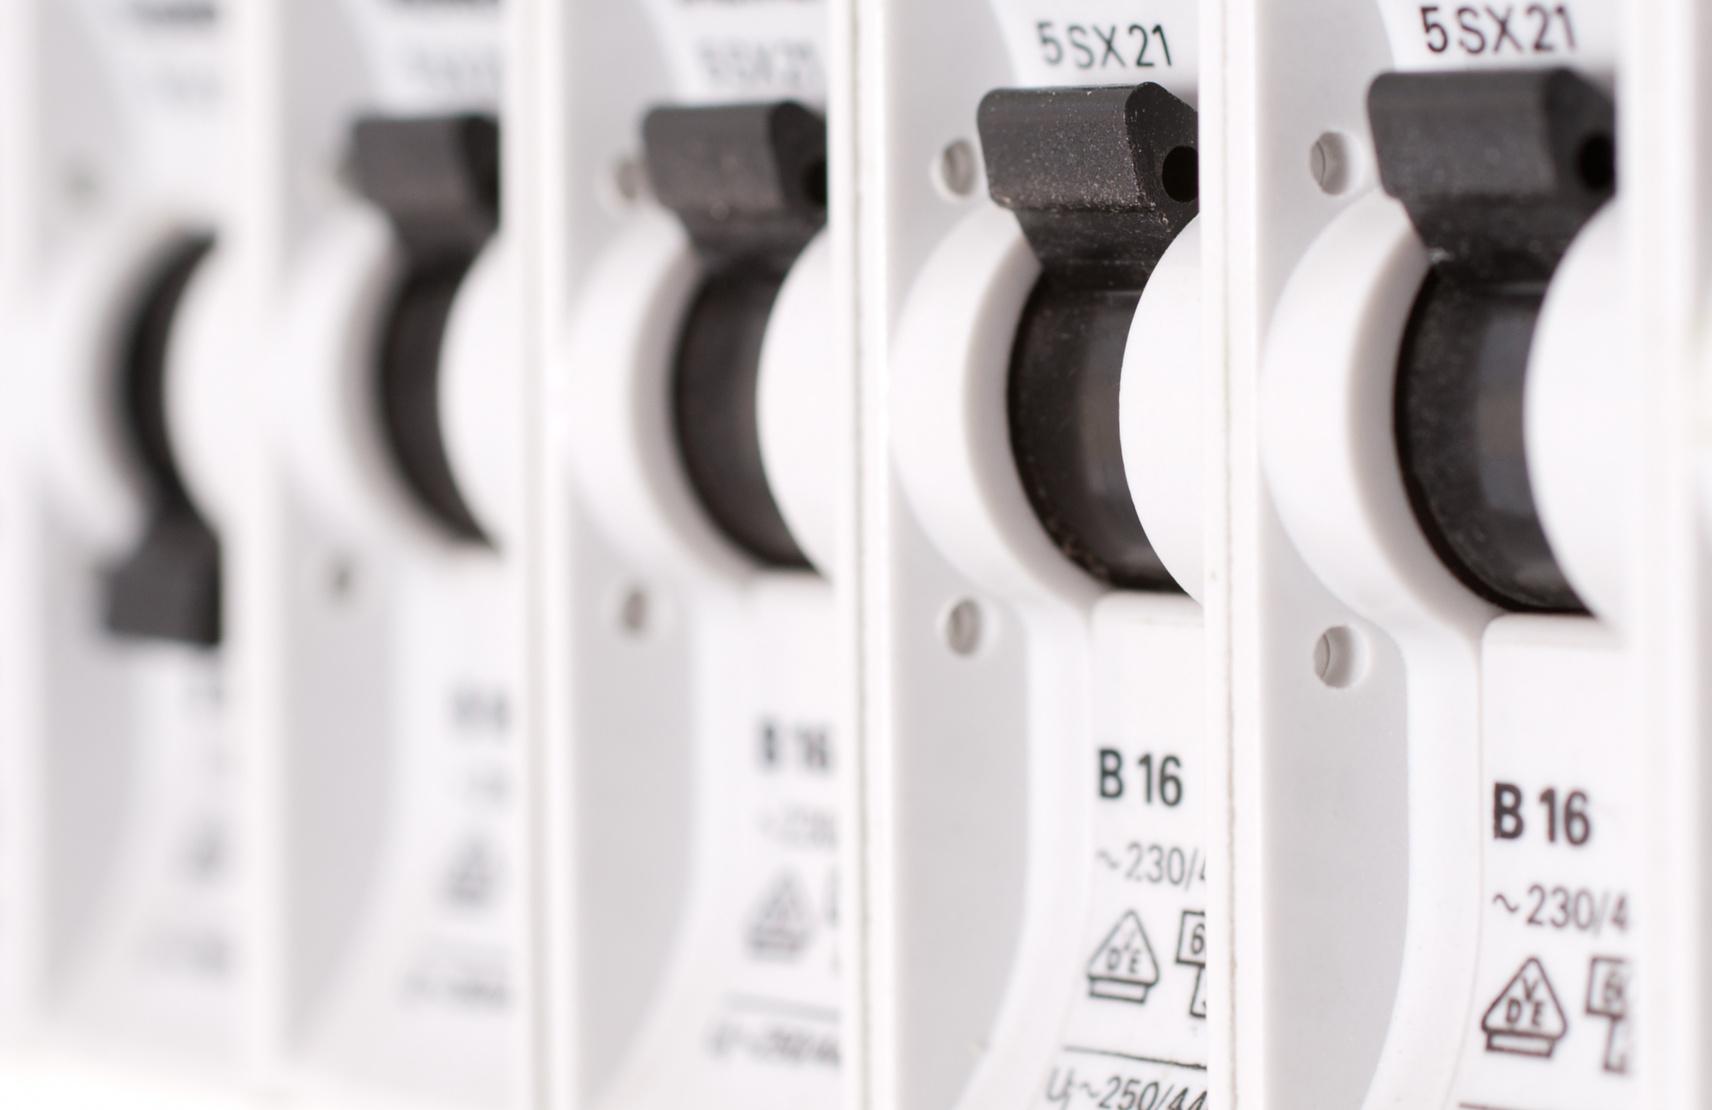 Changer un fusible la m thode tape par tape - Changer fusible disjoncteur ...